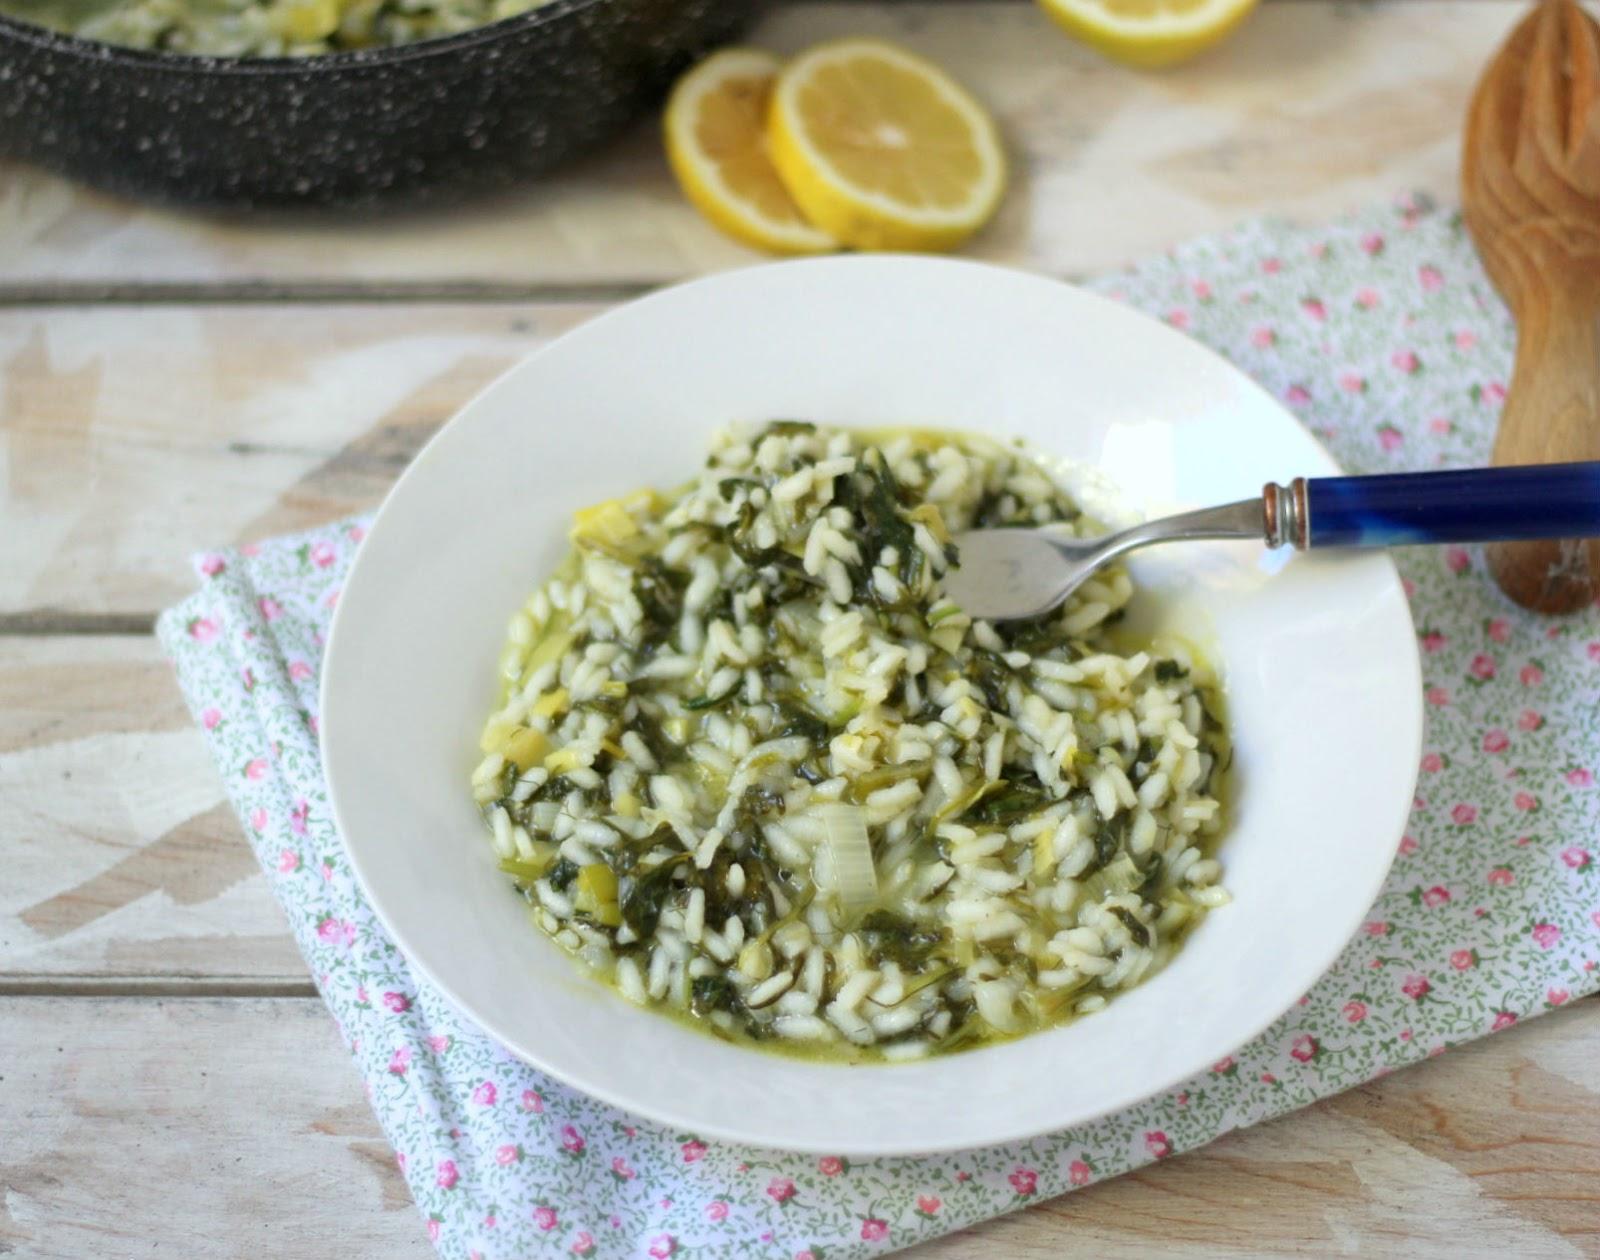 Mangiare greco cucina greca con tutte le ricette tipiche spanakorizo risotto con spinaci al - A tavola con guy ricette ...